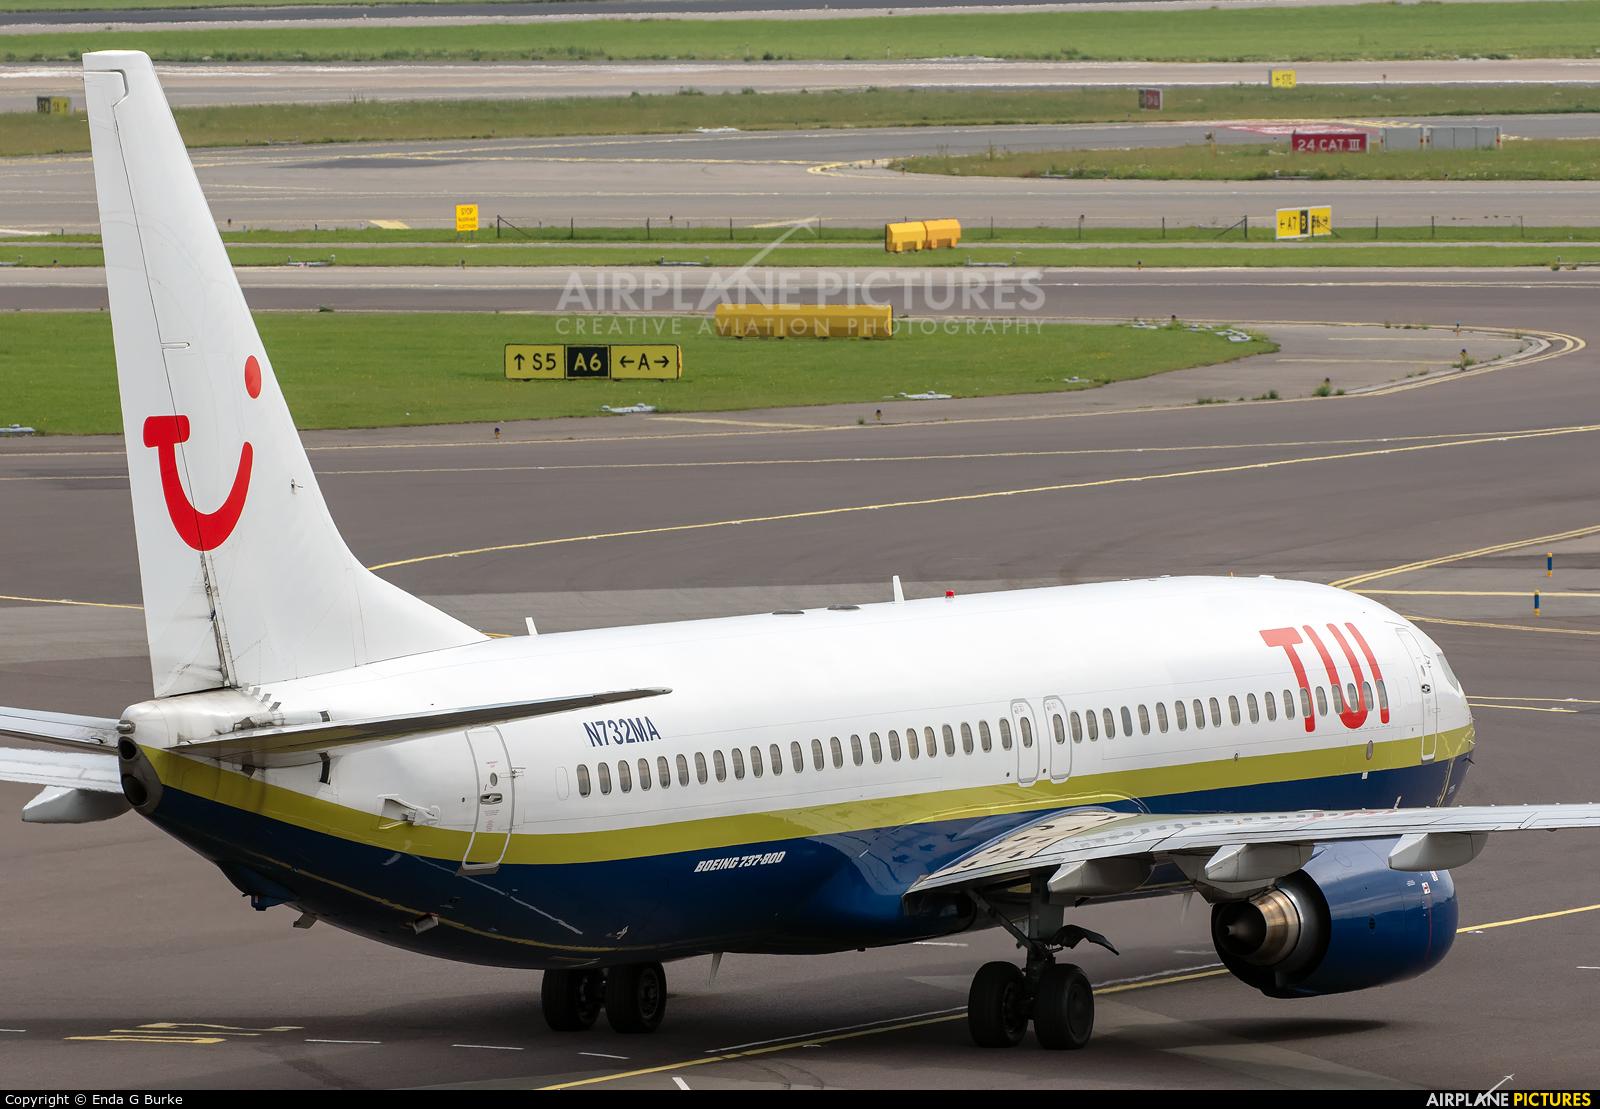 Miami Air N732MA aircraft at Amsterdam - Schiphol